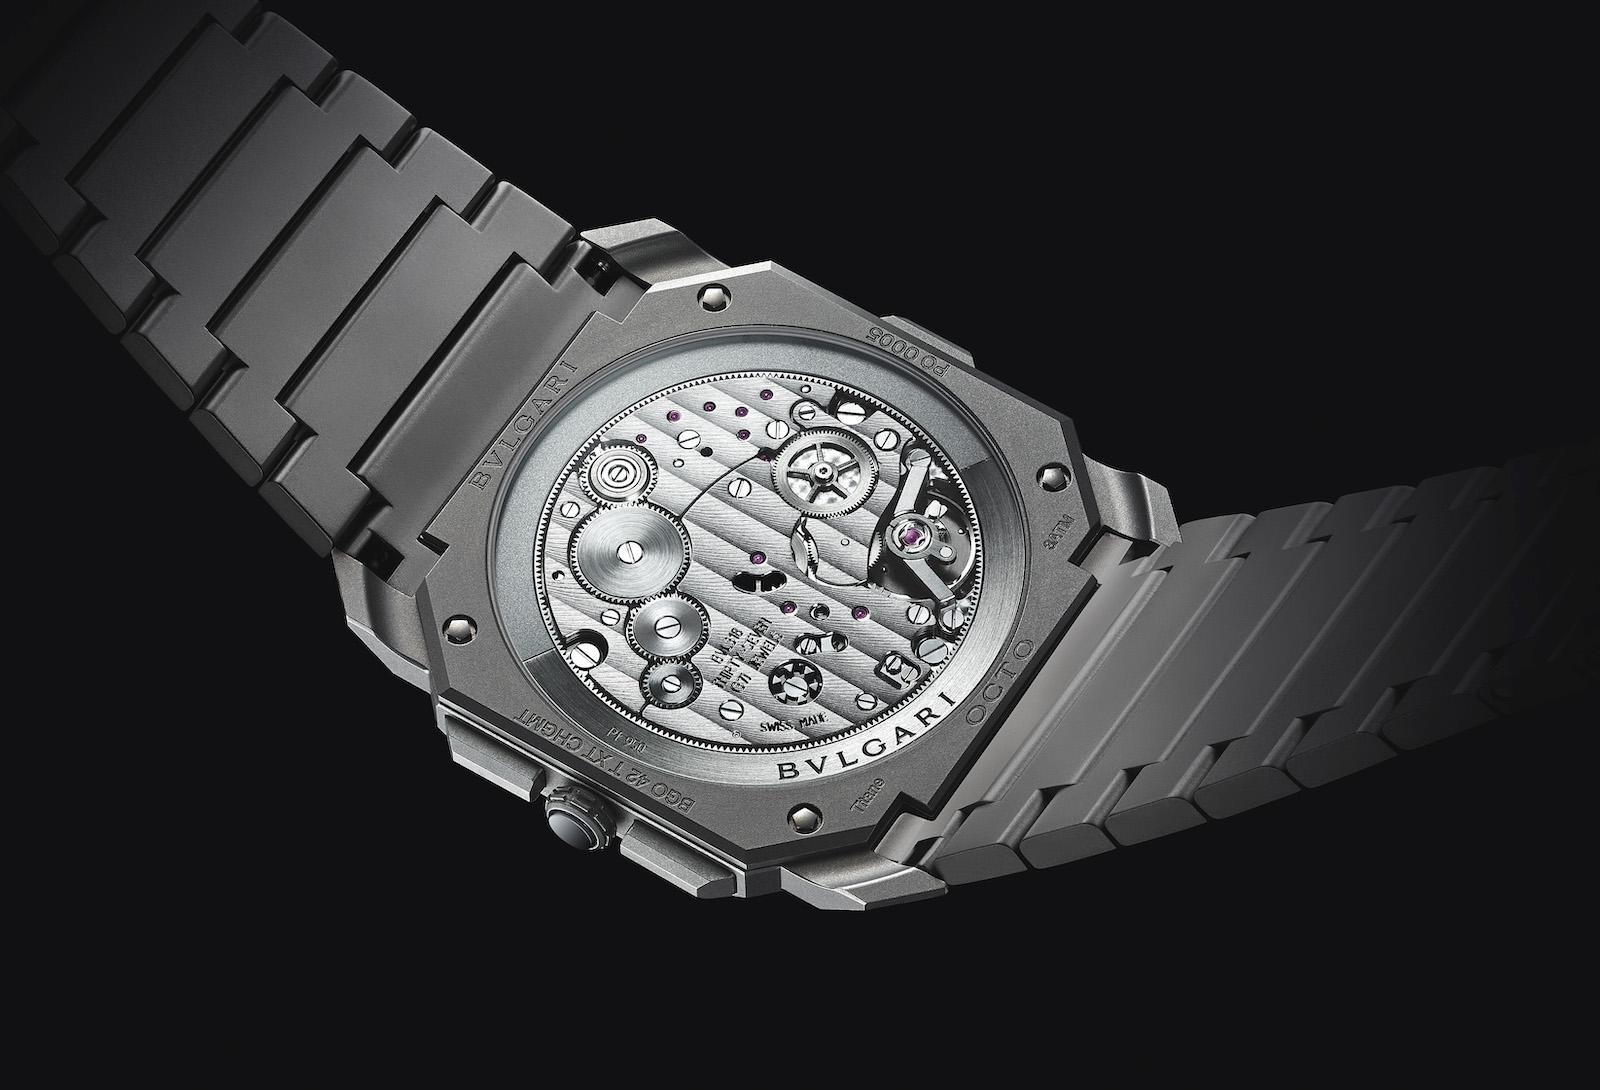 Bulgari en Baselworld 2019 - Octo Finissimo Chronograph calibre